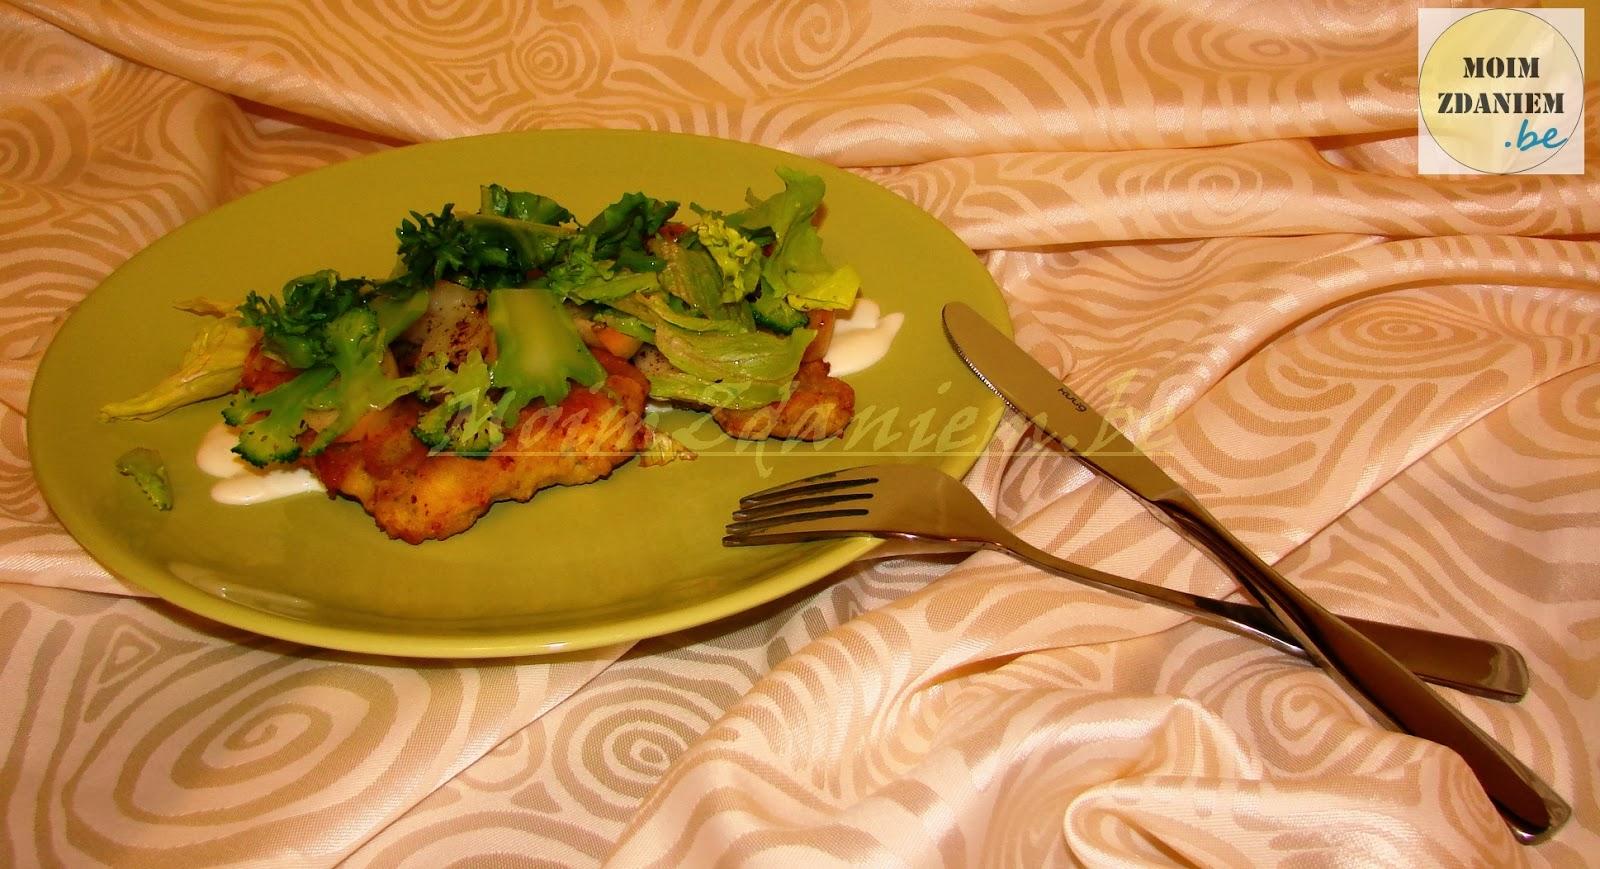 dorsz panierowany z jabłkami i brokułami